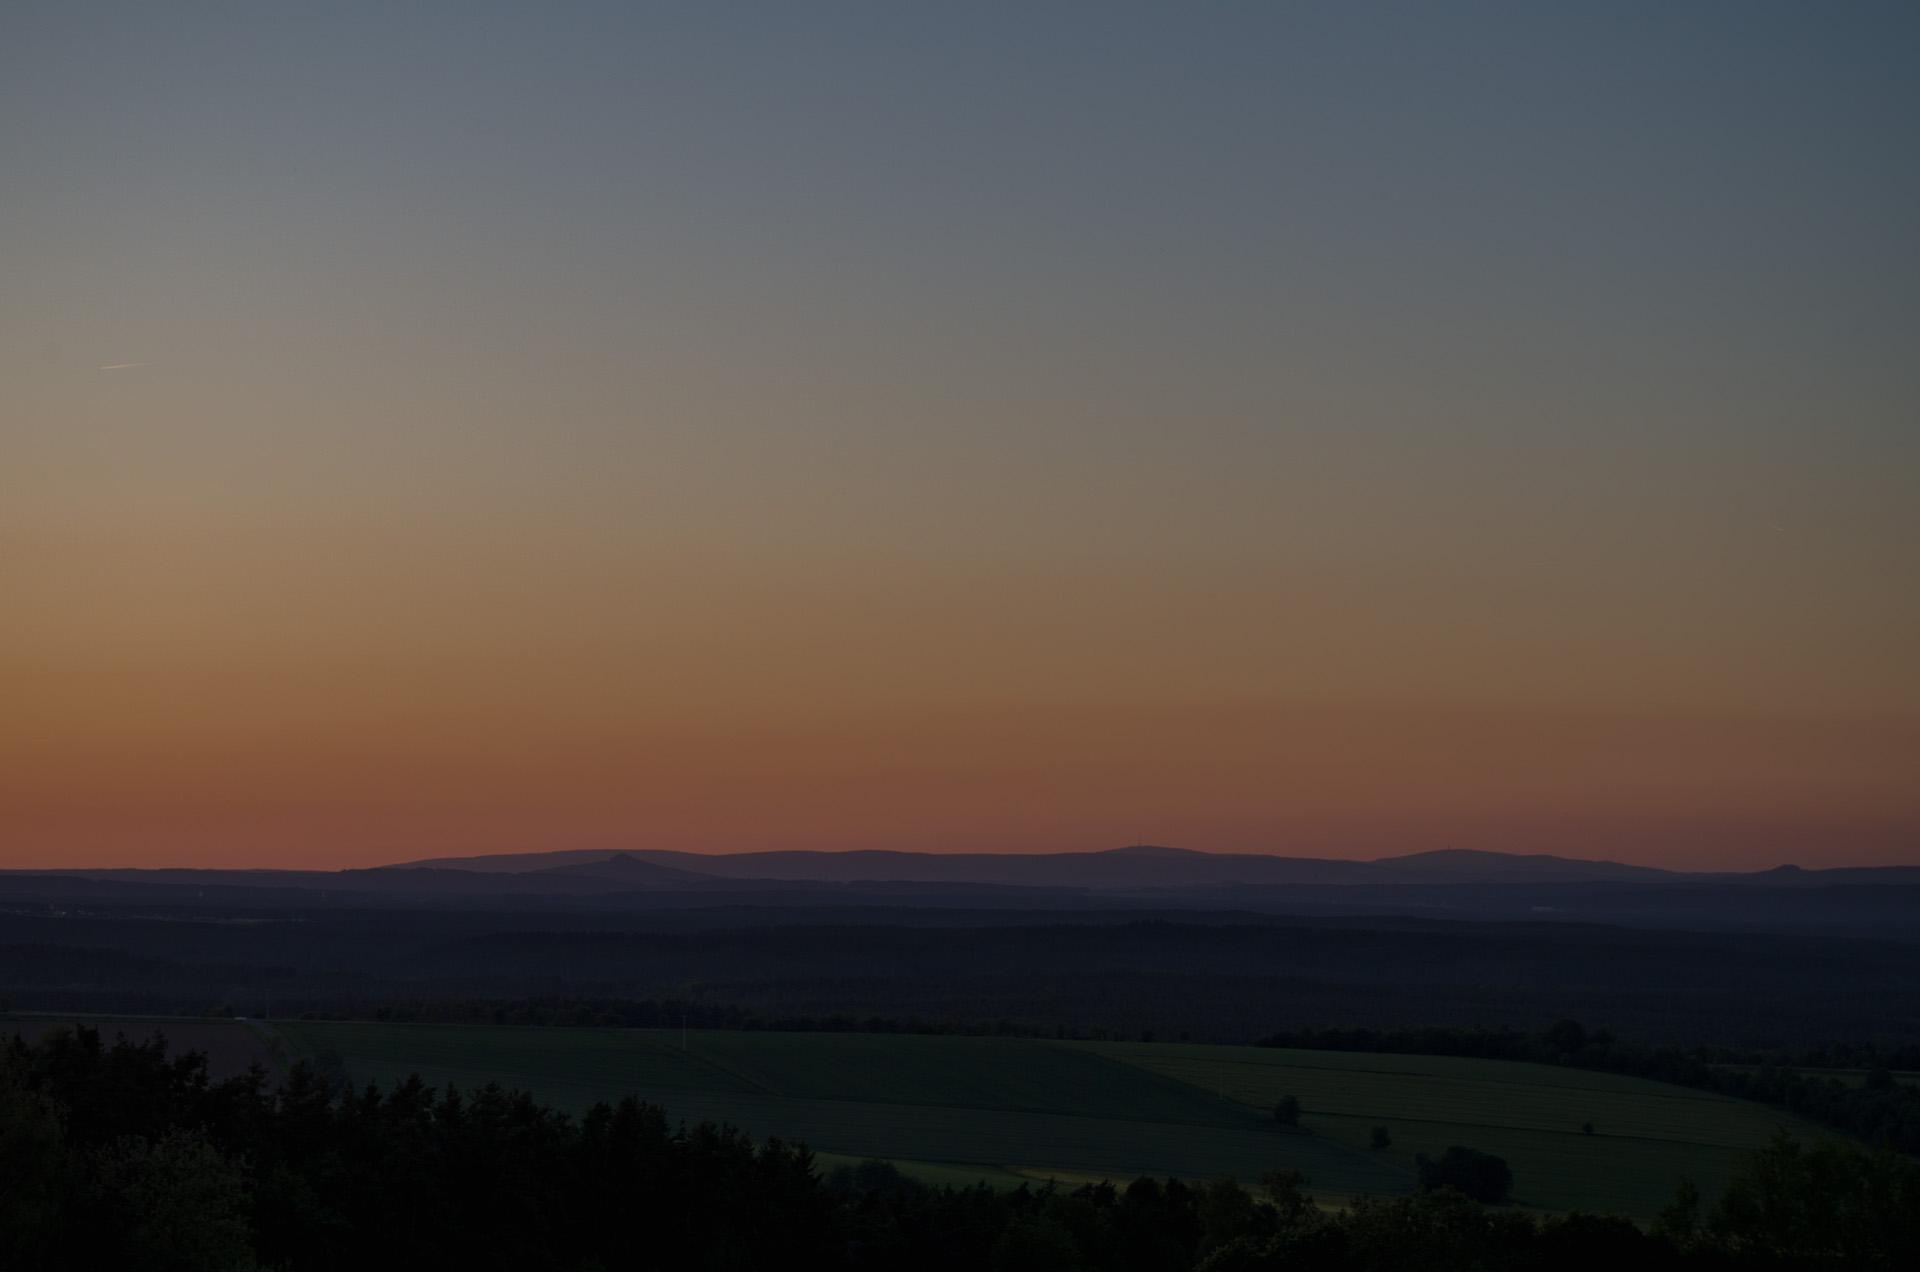 Einfach Bilder – Frühsommer-Sonnenuntergang – der Himmel wird bunt